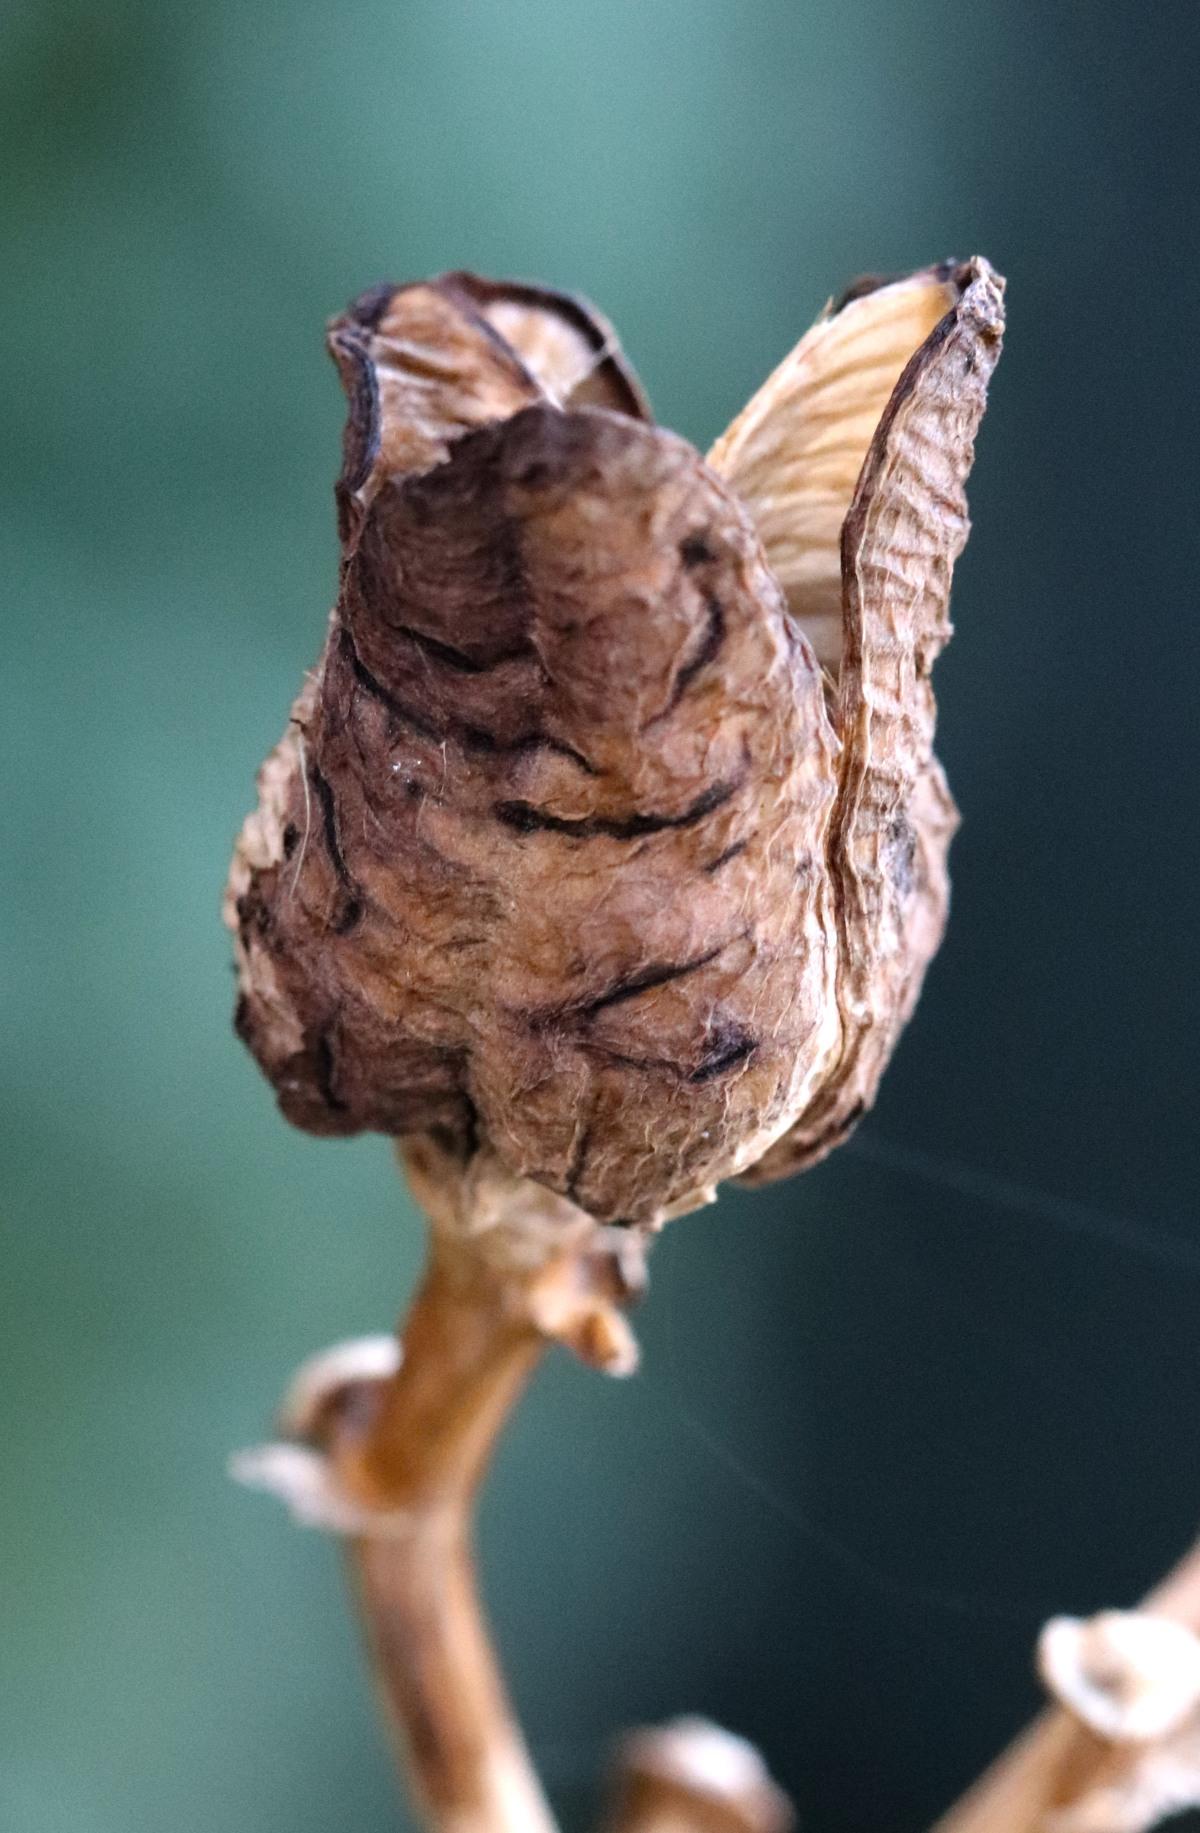 Daylily Seed Pod